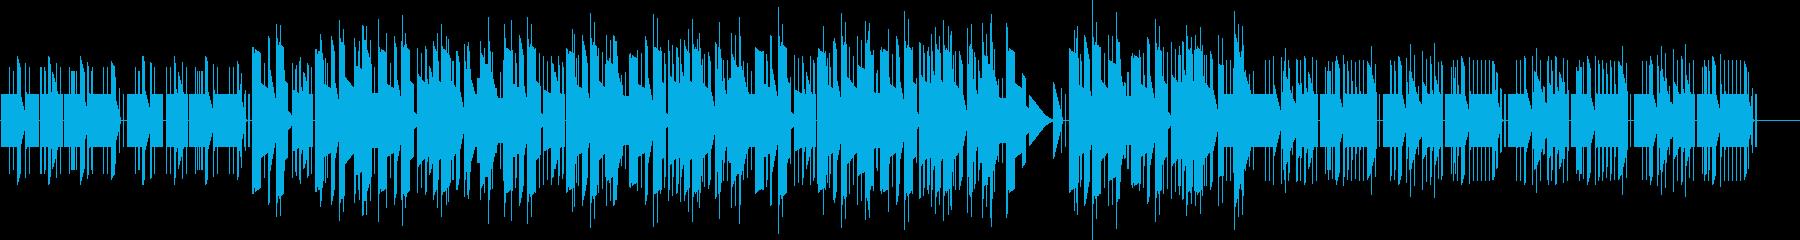 アナログシンセのチープなジングルの再生済みの波形